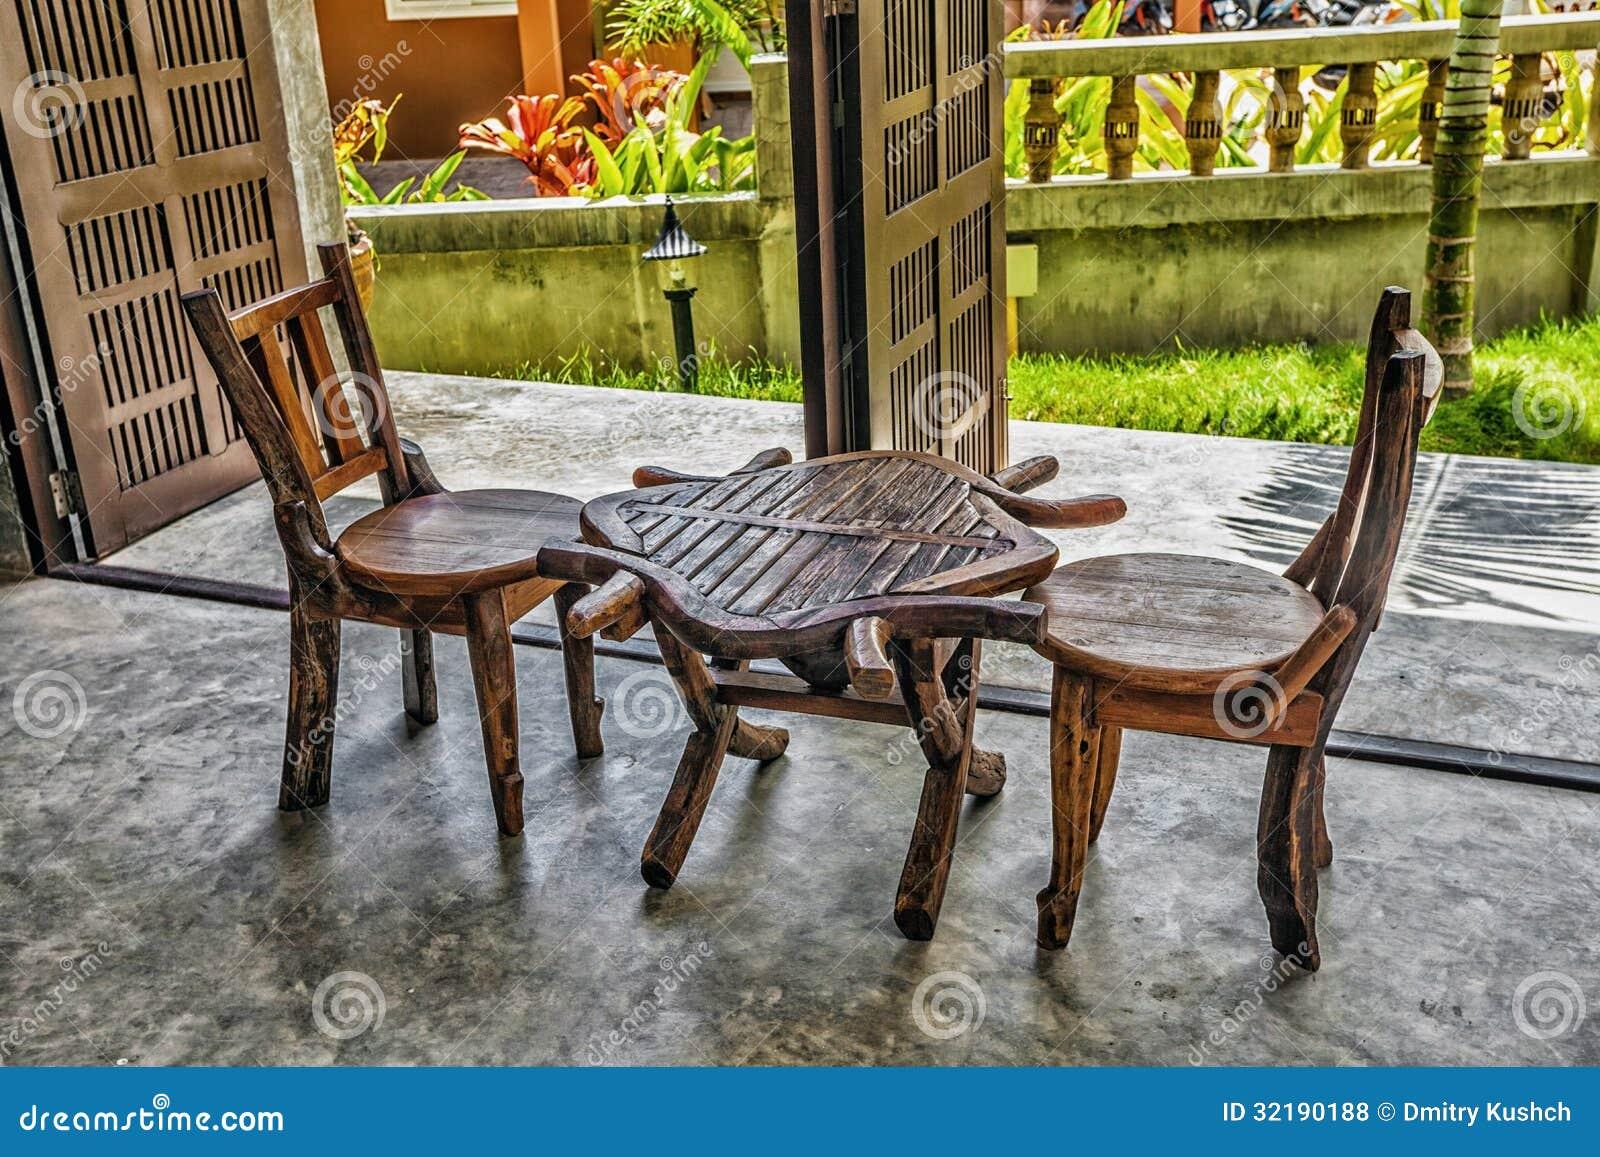 deux vieilles chaises en bois et une table photos libres de droits image 32190188. Black Bedroom Furniture Sets. Home Design Ideas